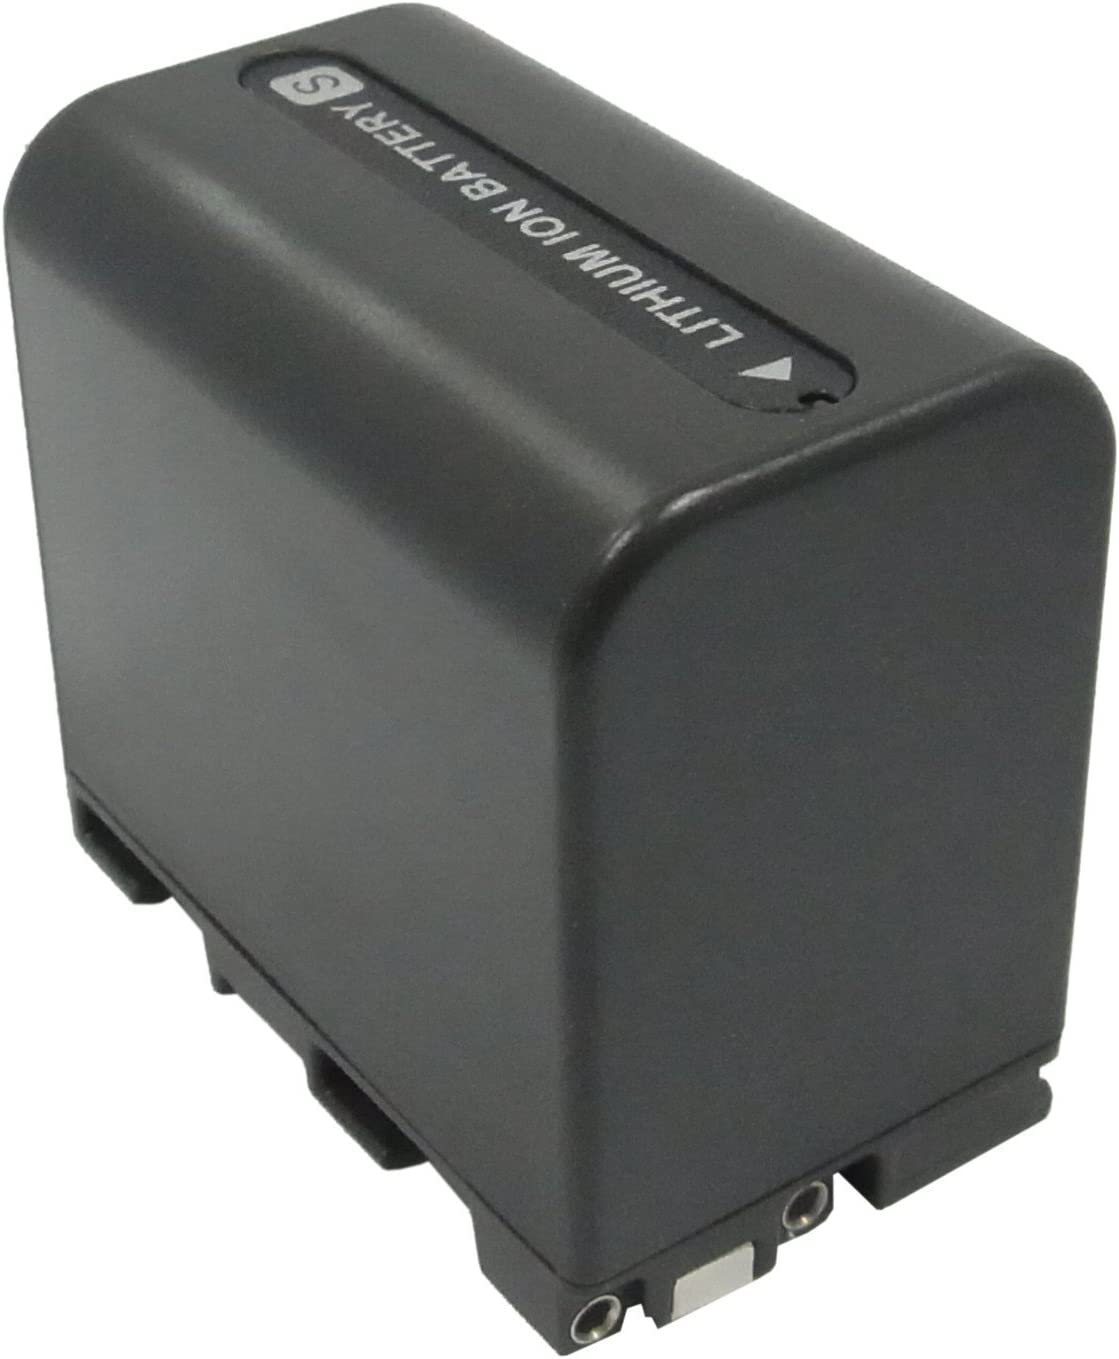 NP-FS31 P//N NP-FS30 NP-FS32 DCR-PC1E 4200mAh Replacement for Sony DCR-PC1 DCR-PC2 Battery